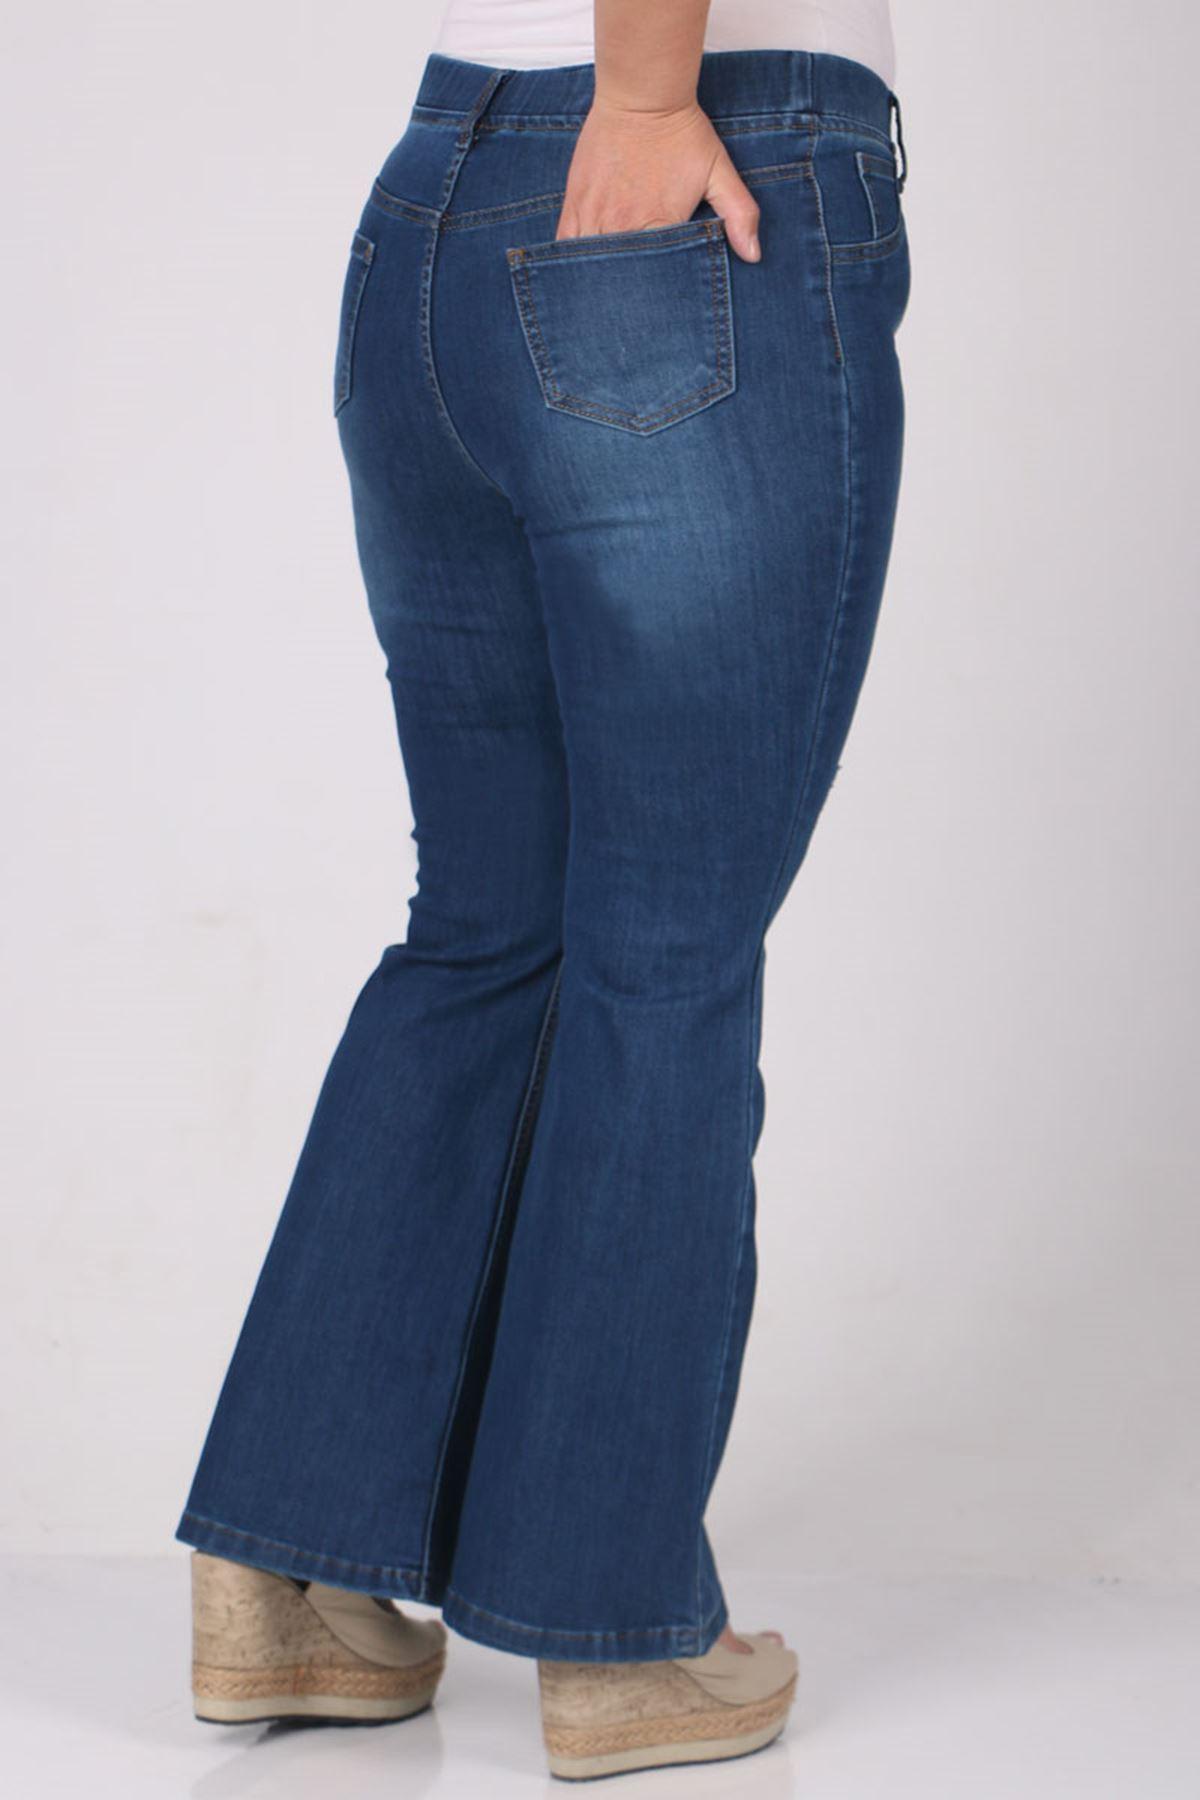 9137-3 Büyük Beden Beli Lastikli Tırnaklı İspanyol Paça Kot Pantalon-Açık Lacivert